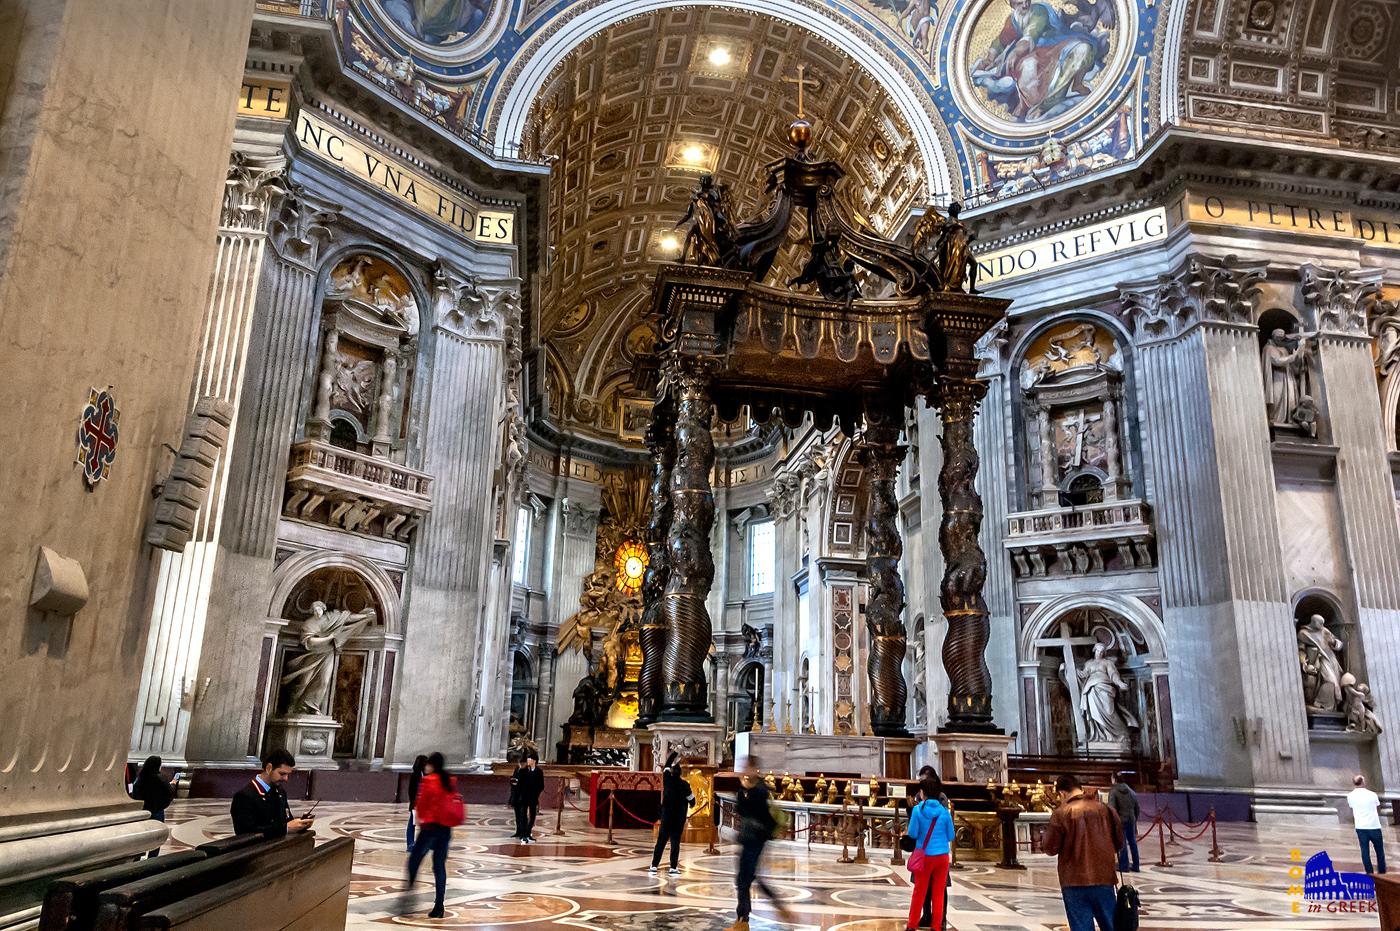 Ο παπικός βωμός με το Ουρανό (Baldacchino) του Μπερνίνι, κατασκευασμένο από χαλκό που αφαιρέθηκε από το Πάνθεον. Αριστερά και δεξιά δύο πυλώνες με άγαλμα στη βάση και μπαλκονάκι. Αριστερά η Αγία Βερονίκη, δεξιά η Αγία Ελένη.